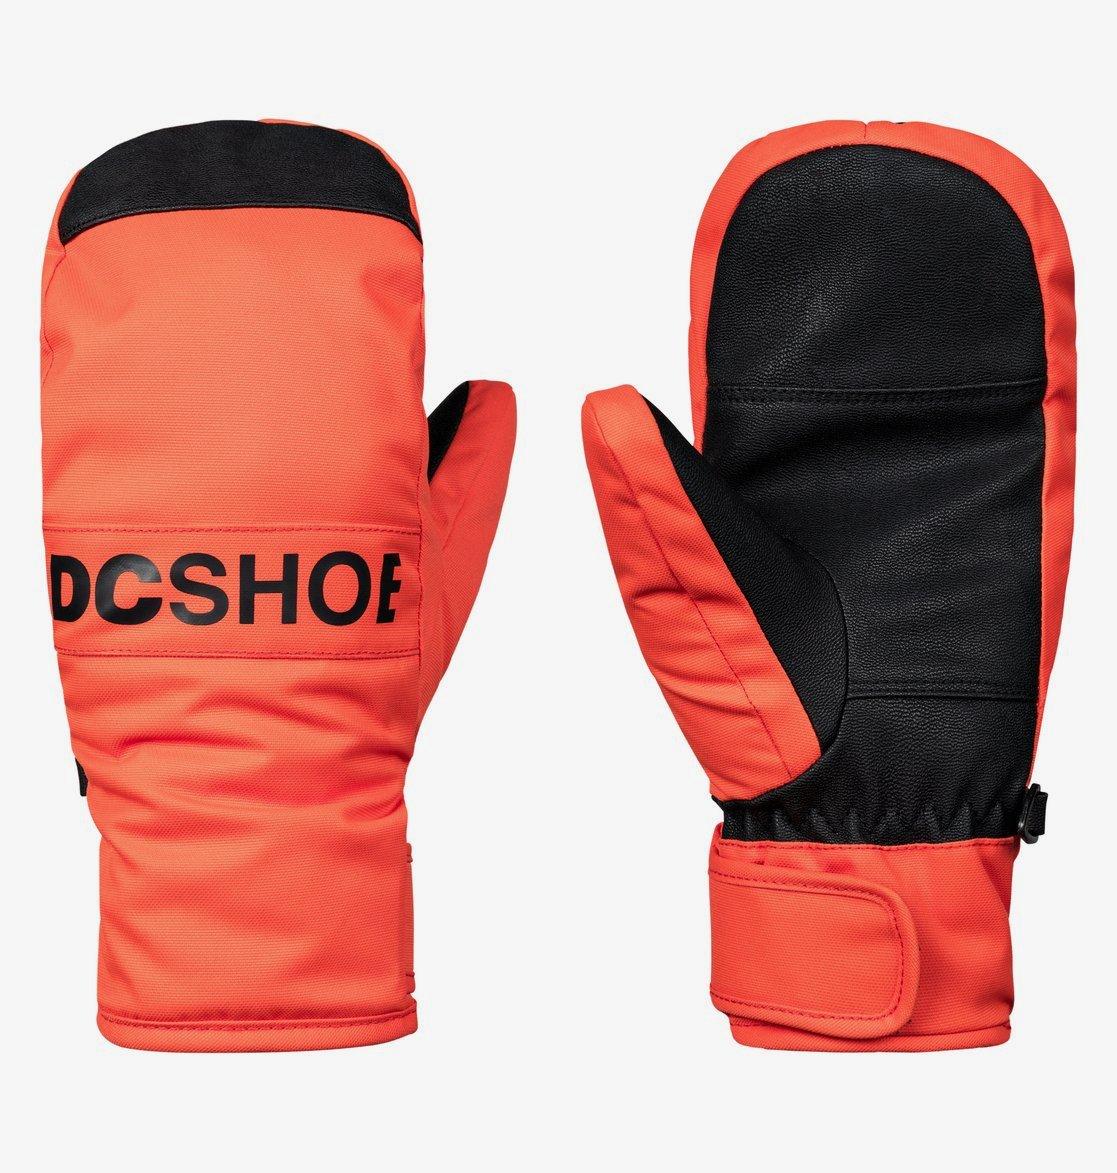 prix le plus bas chaussures pour pas cher emballage fort Franchise - Moufles de ski/snowboard pour Garçon 8-16 ans